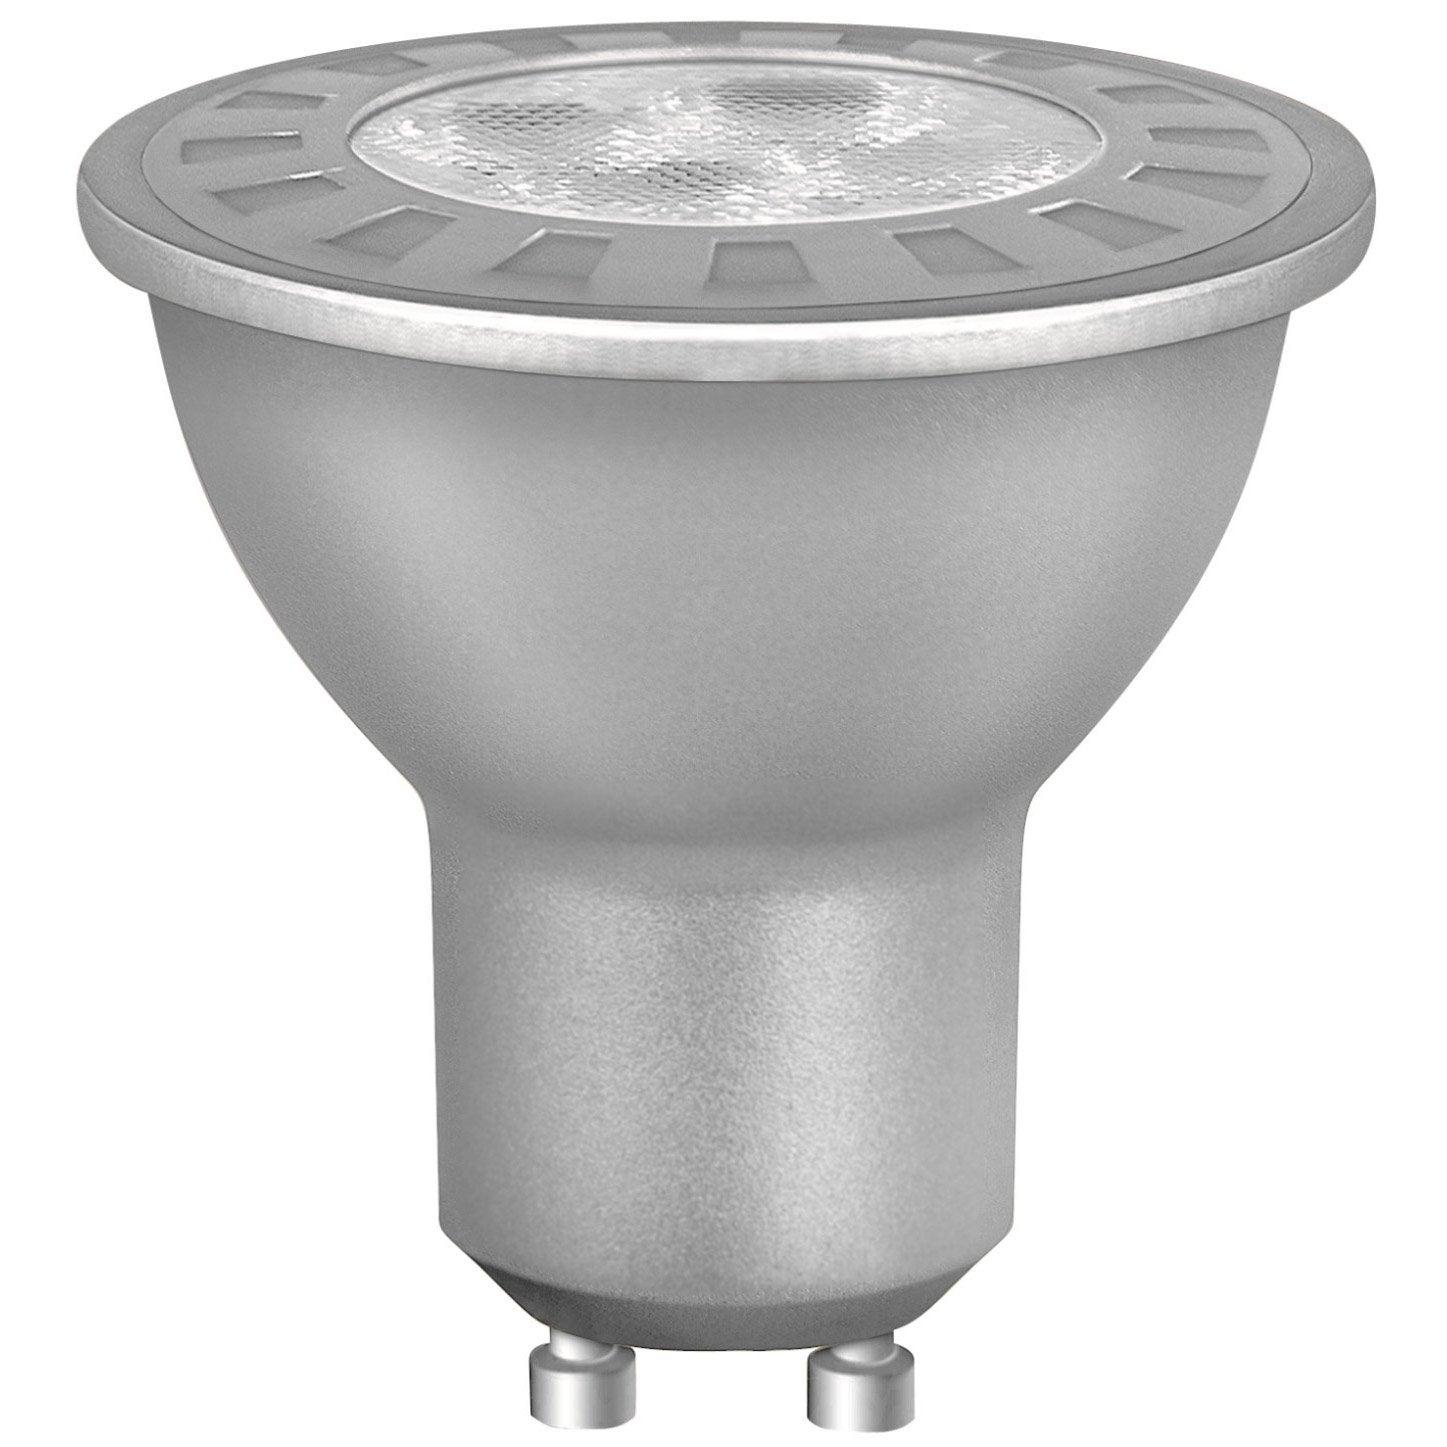 ampoule r flecteur led 3 9w osram gu10 lumi re douce. Black Bedroom Furniture Sets. Home Design Ideas